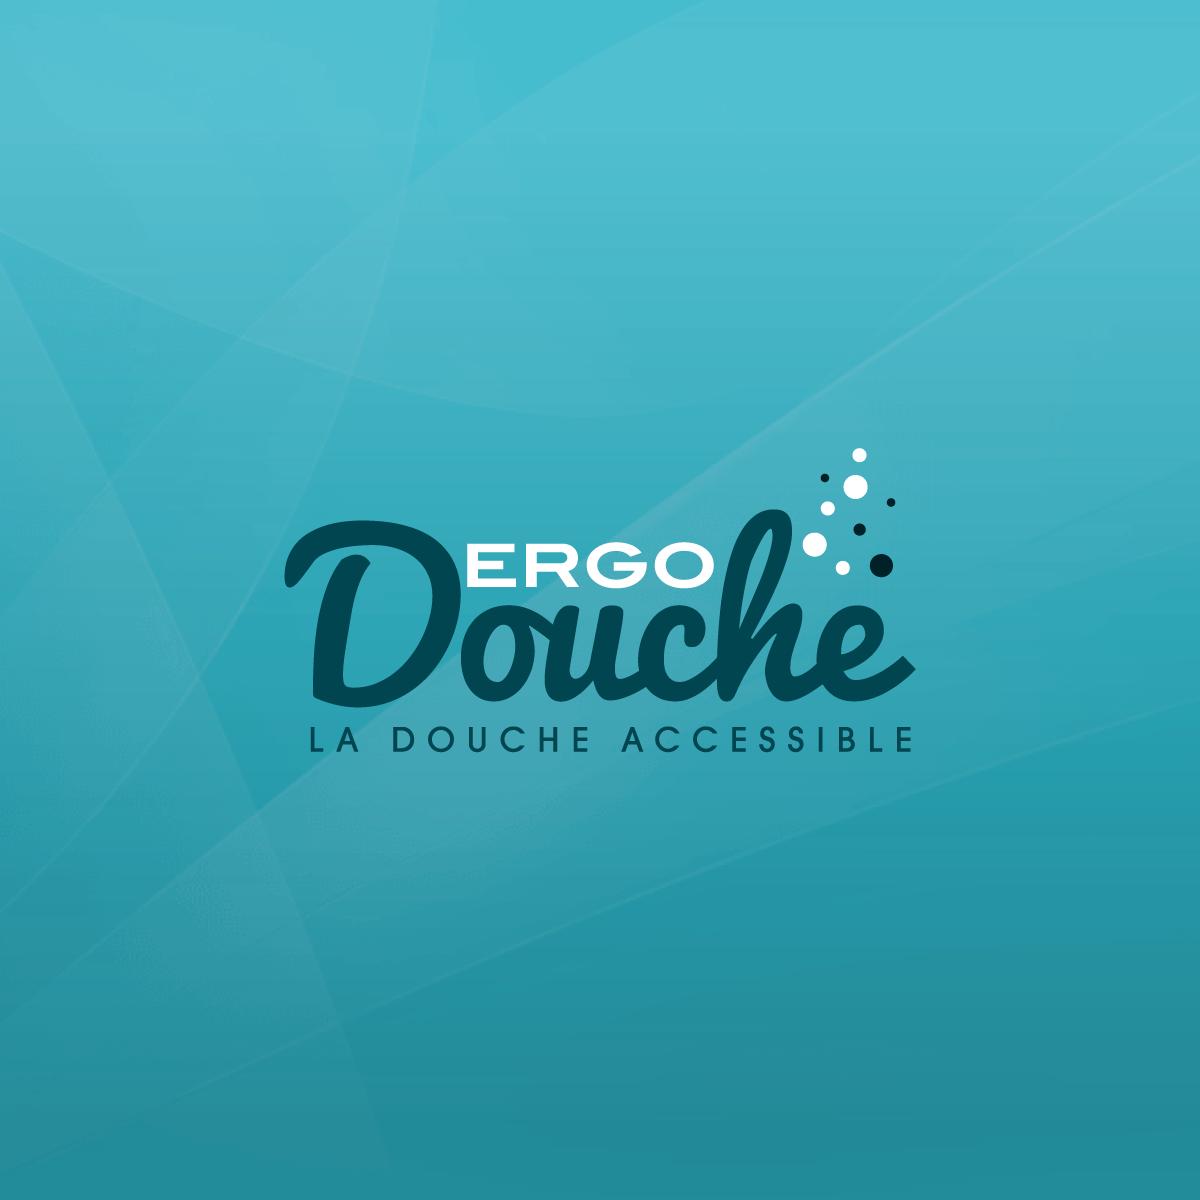 ergo-douche-logo